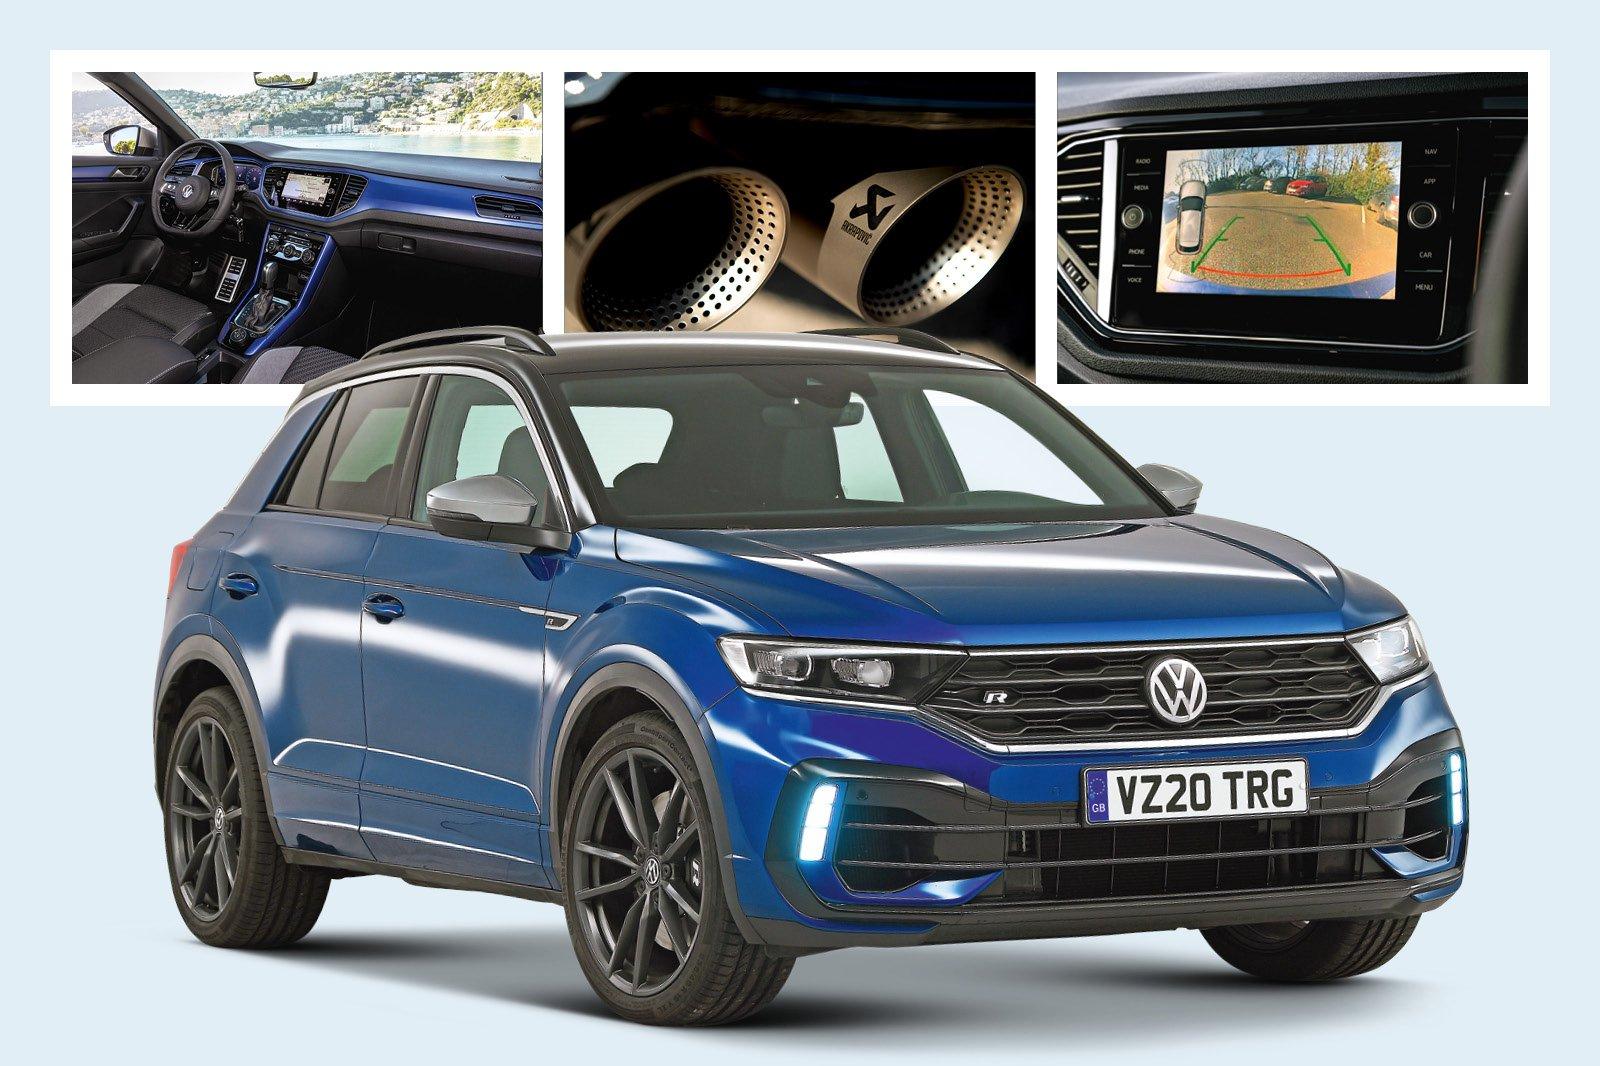 How to spec a Volkswagen T-Roc R